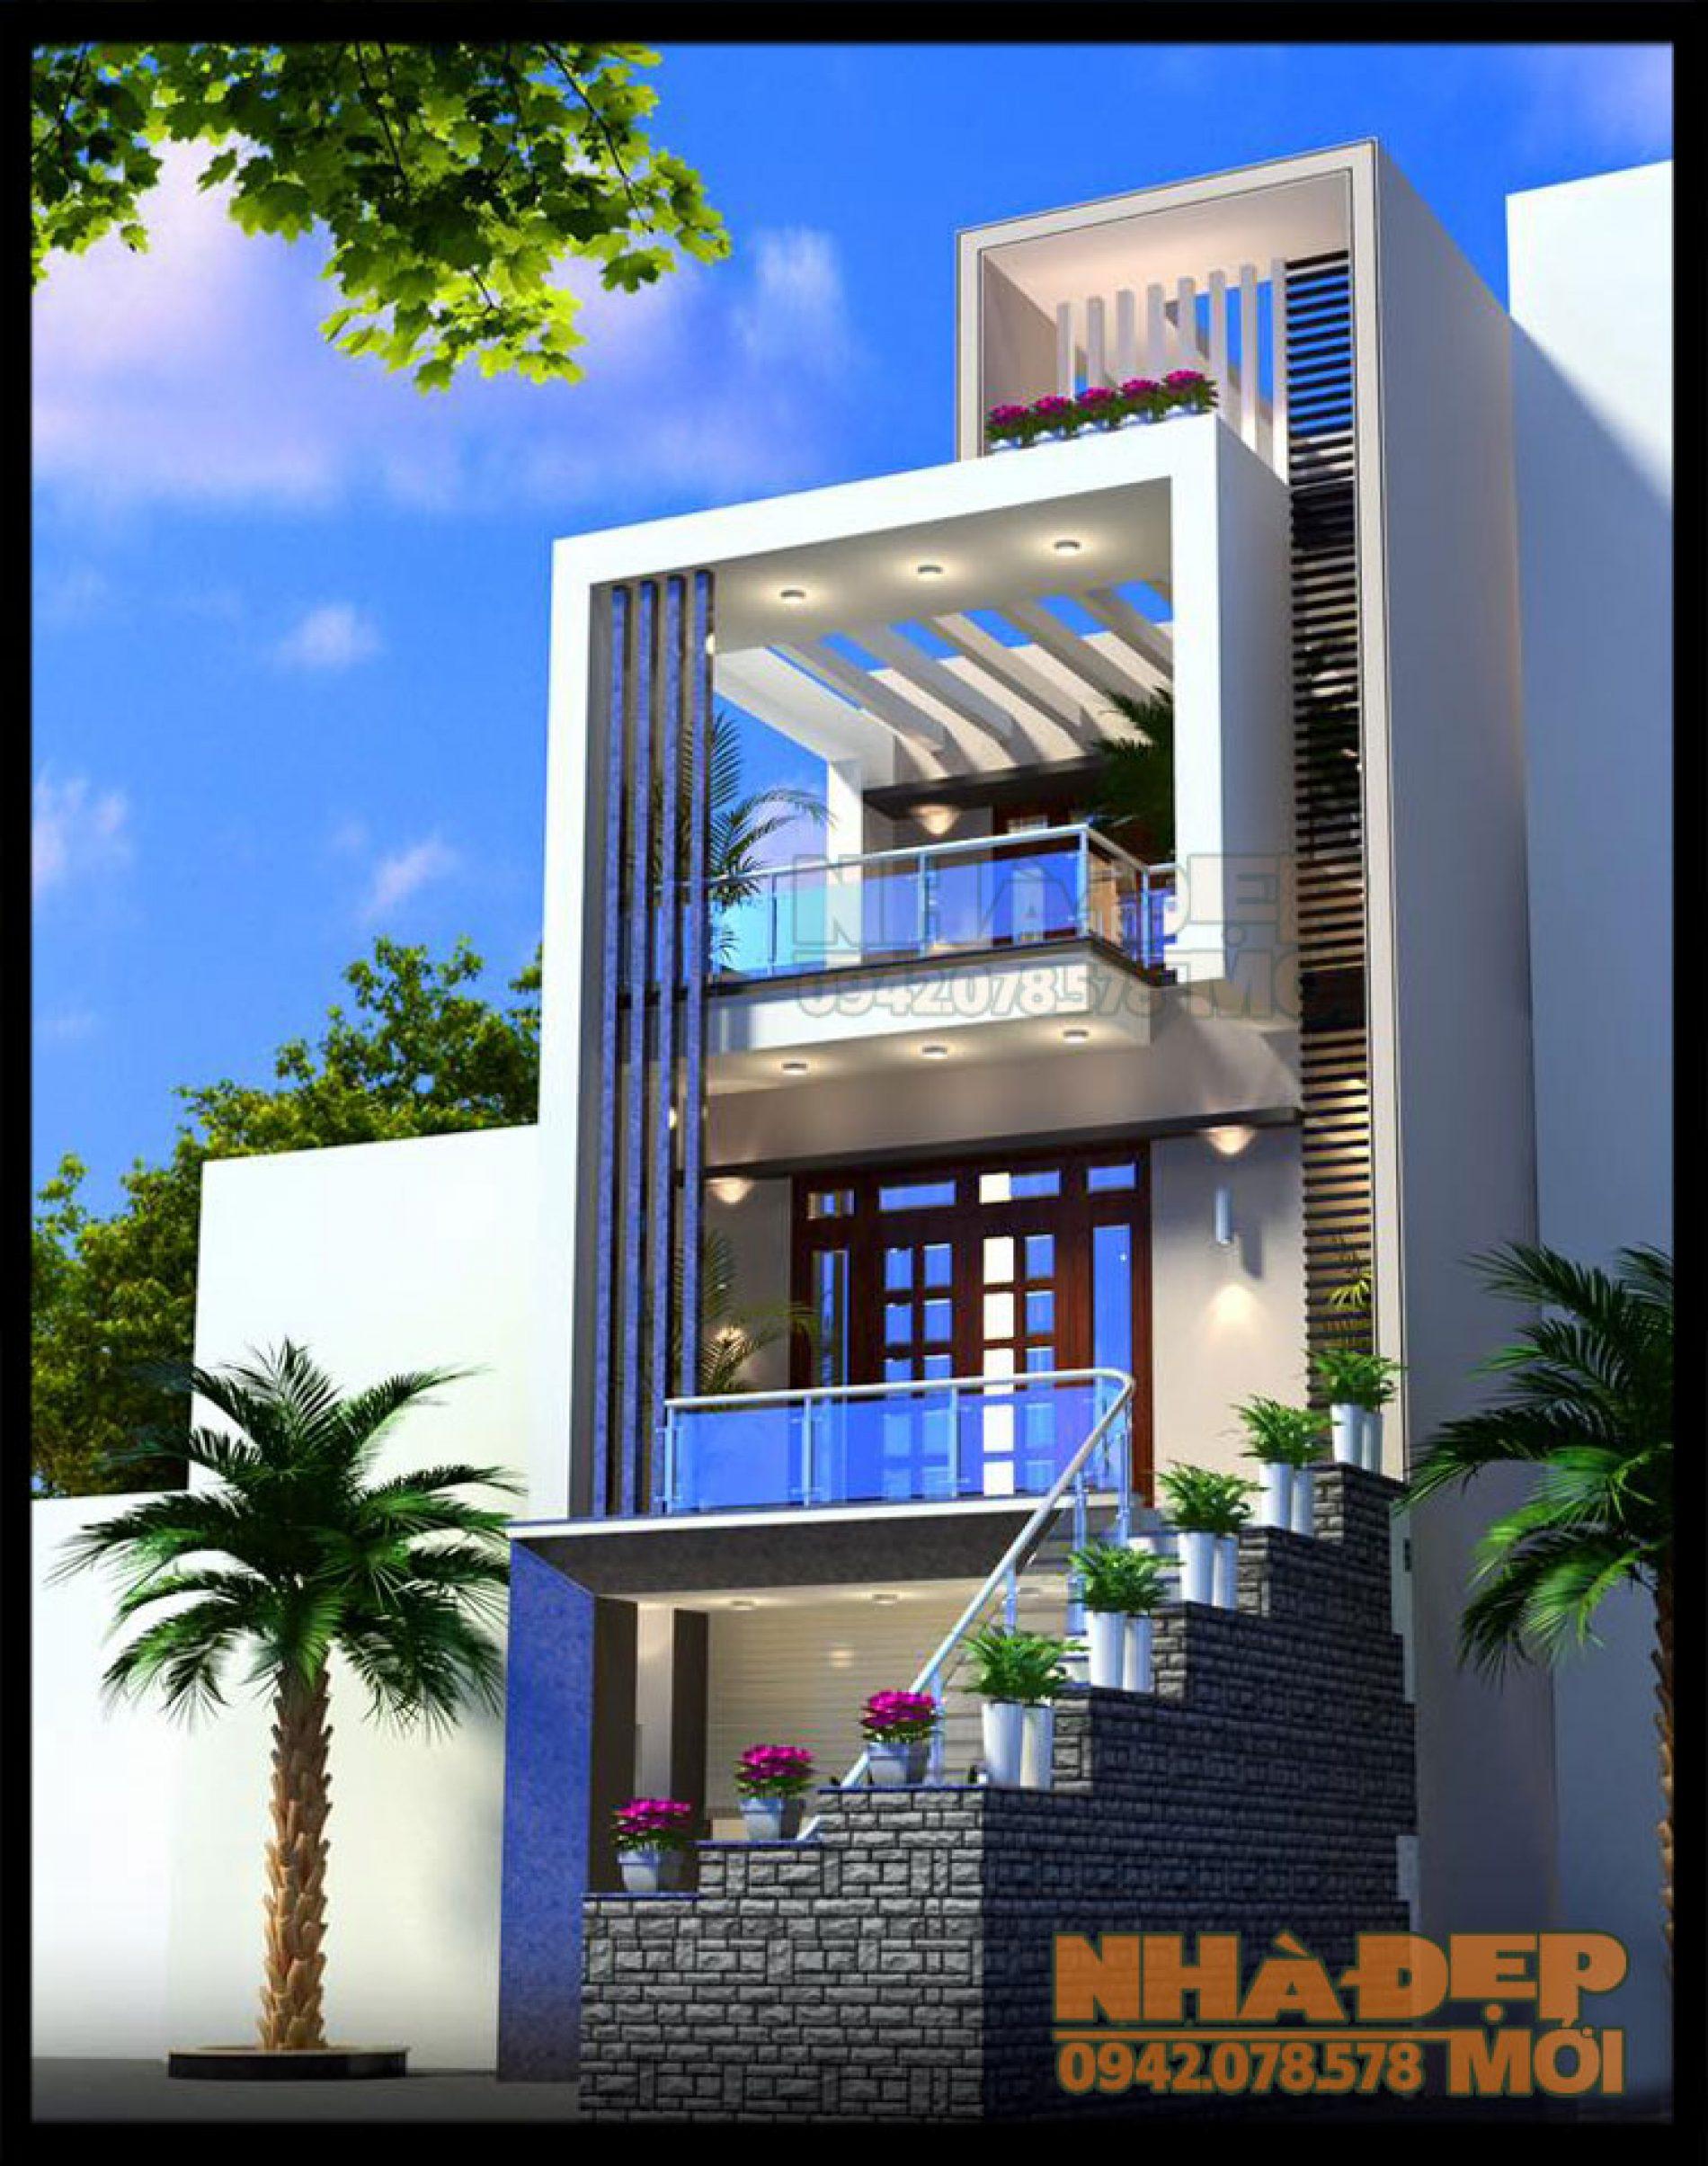 Mẫu nhà đẹp 3 tầng mặt tiền 6.5m có gara kiến trúc hiện đại trên lô đất xéo tại TP. Hải Phòng-VNP190417